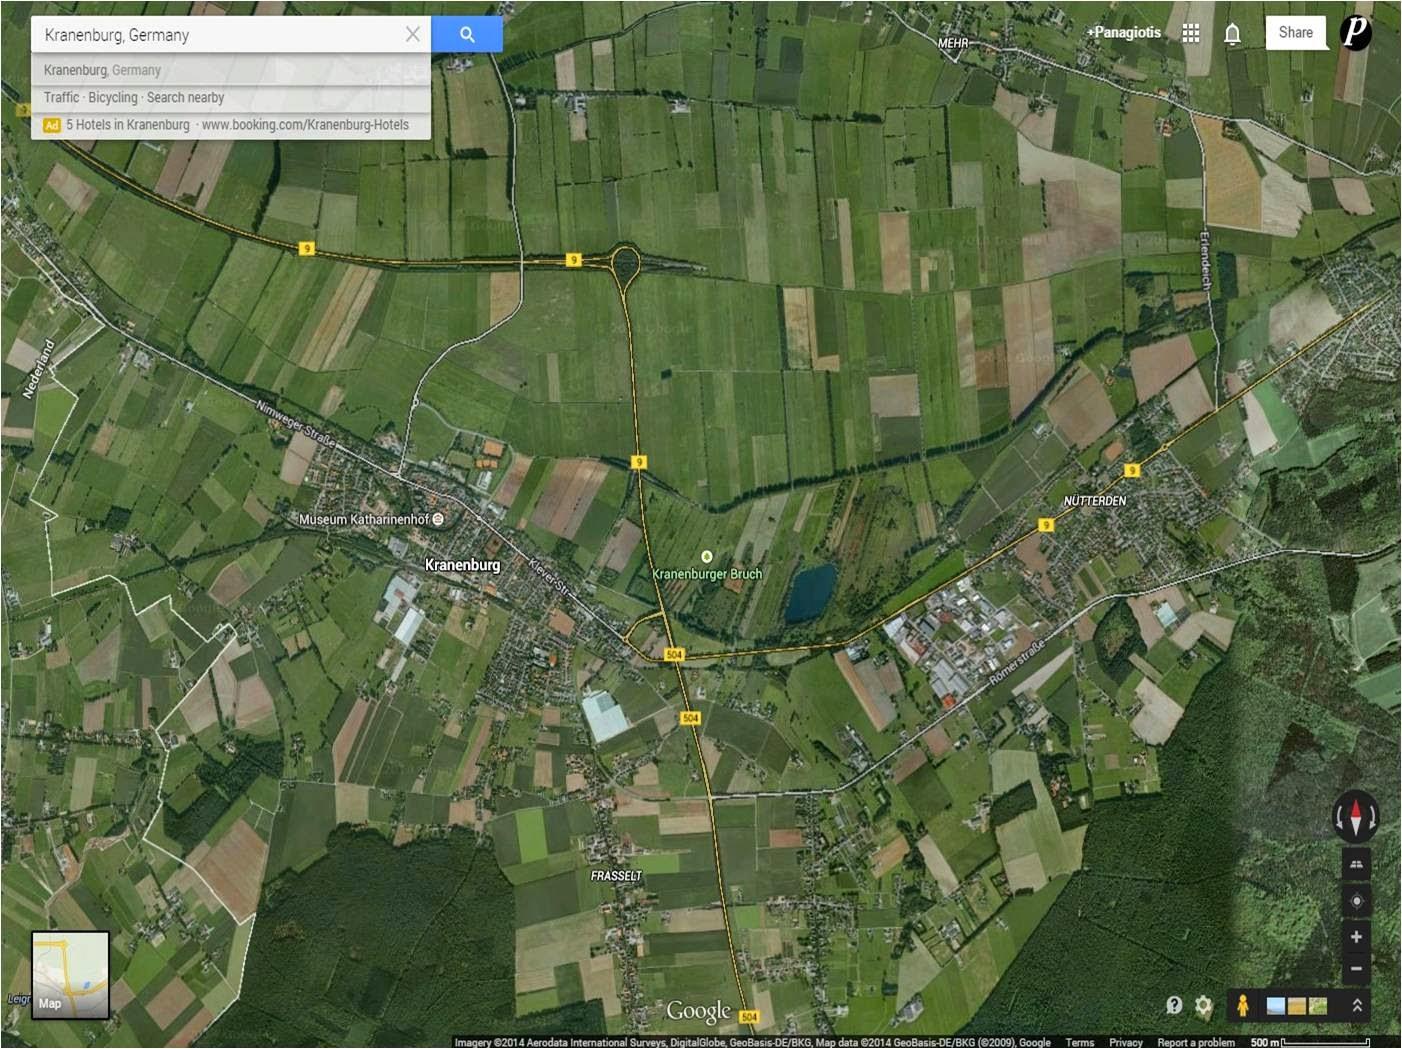 Kranenburg and Nütterden